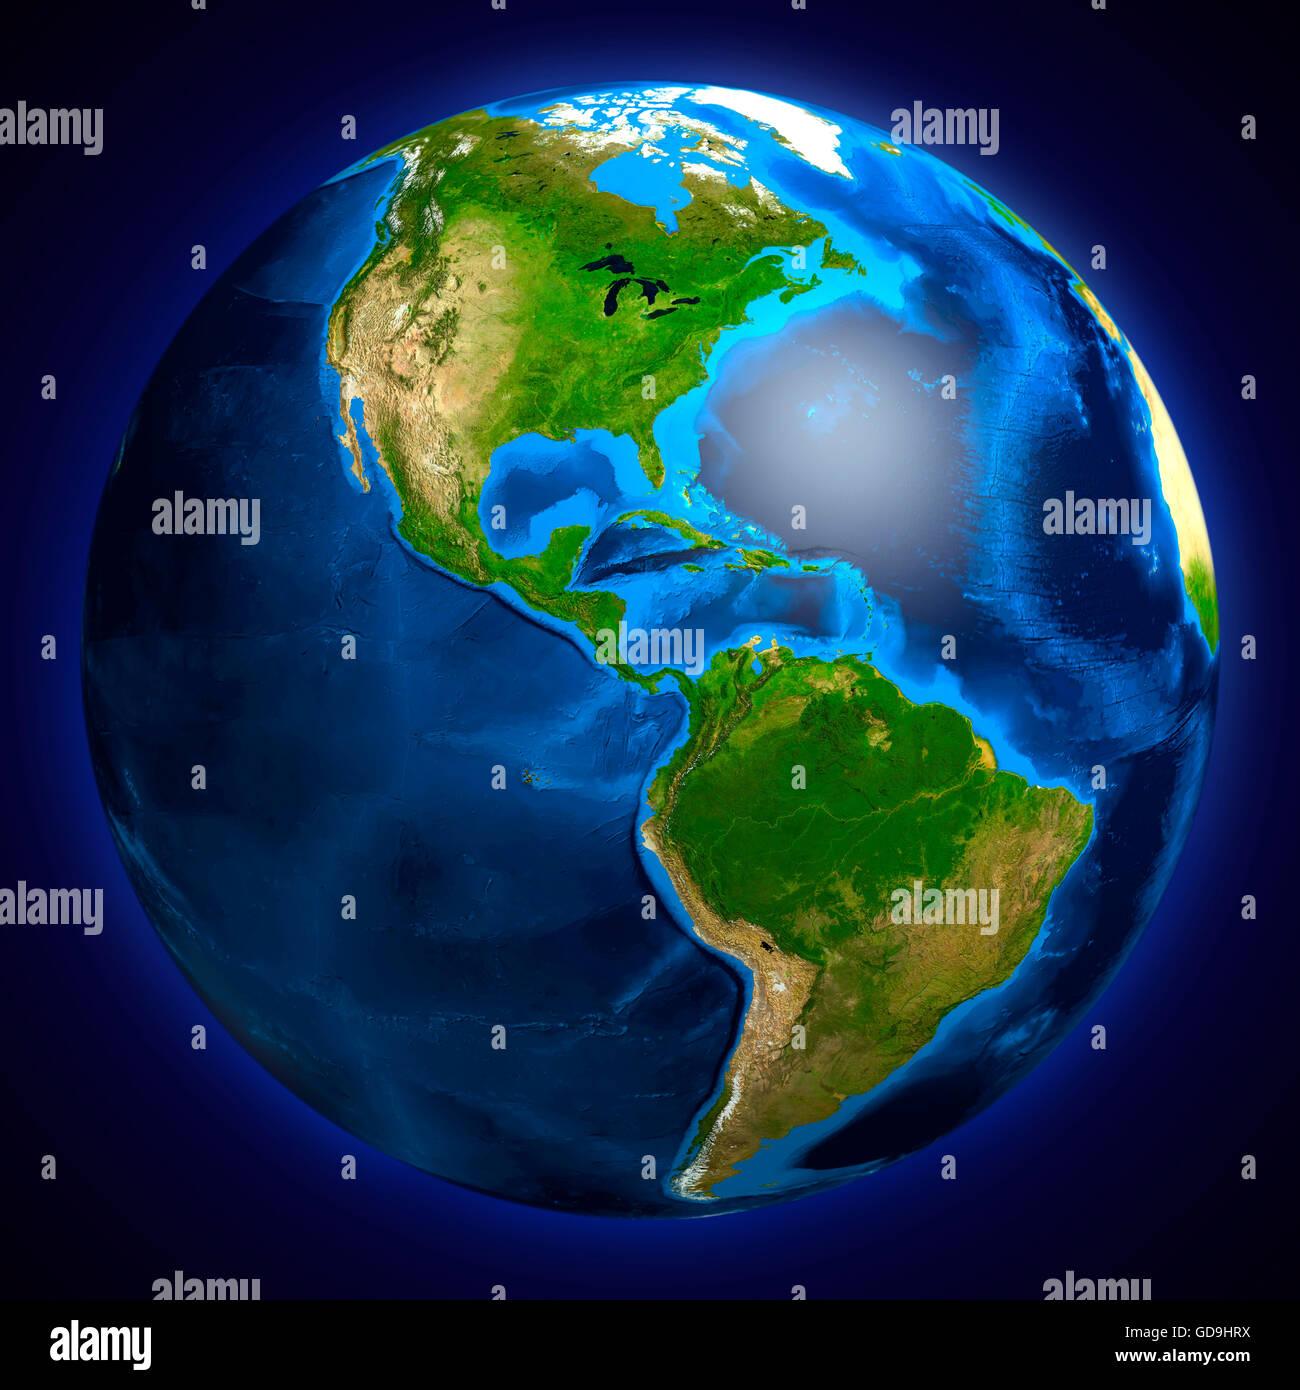 Globo terrestre che mostra a sud e a nord nei continenti americani, 3D illustrazione Immagini Stock